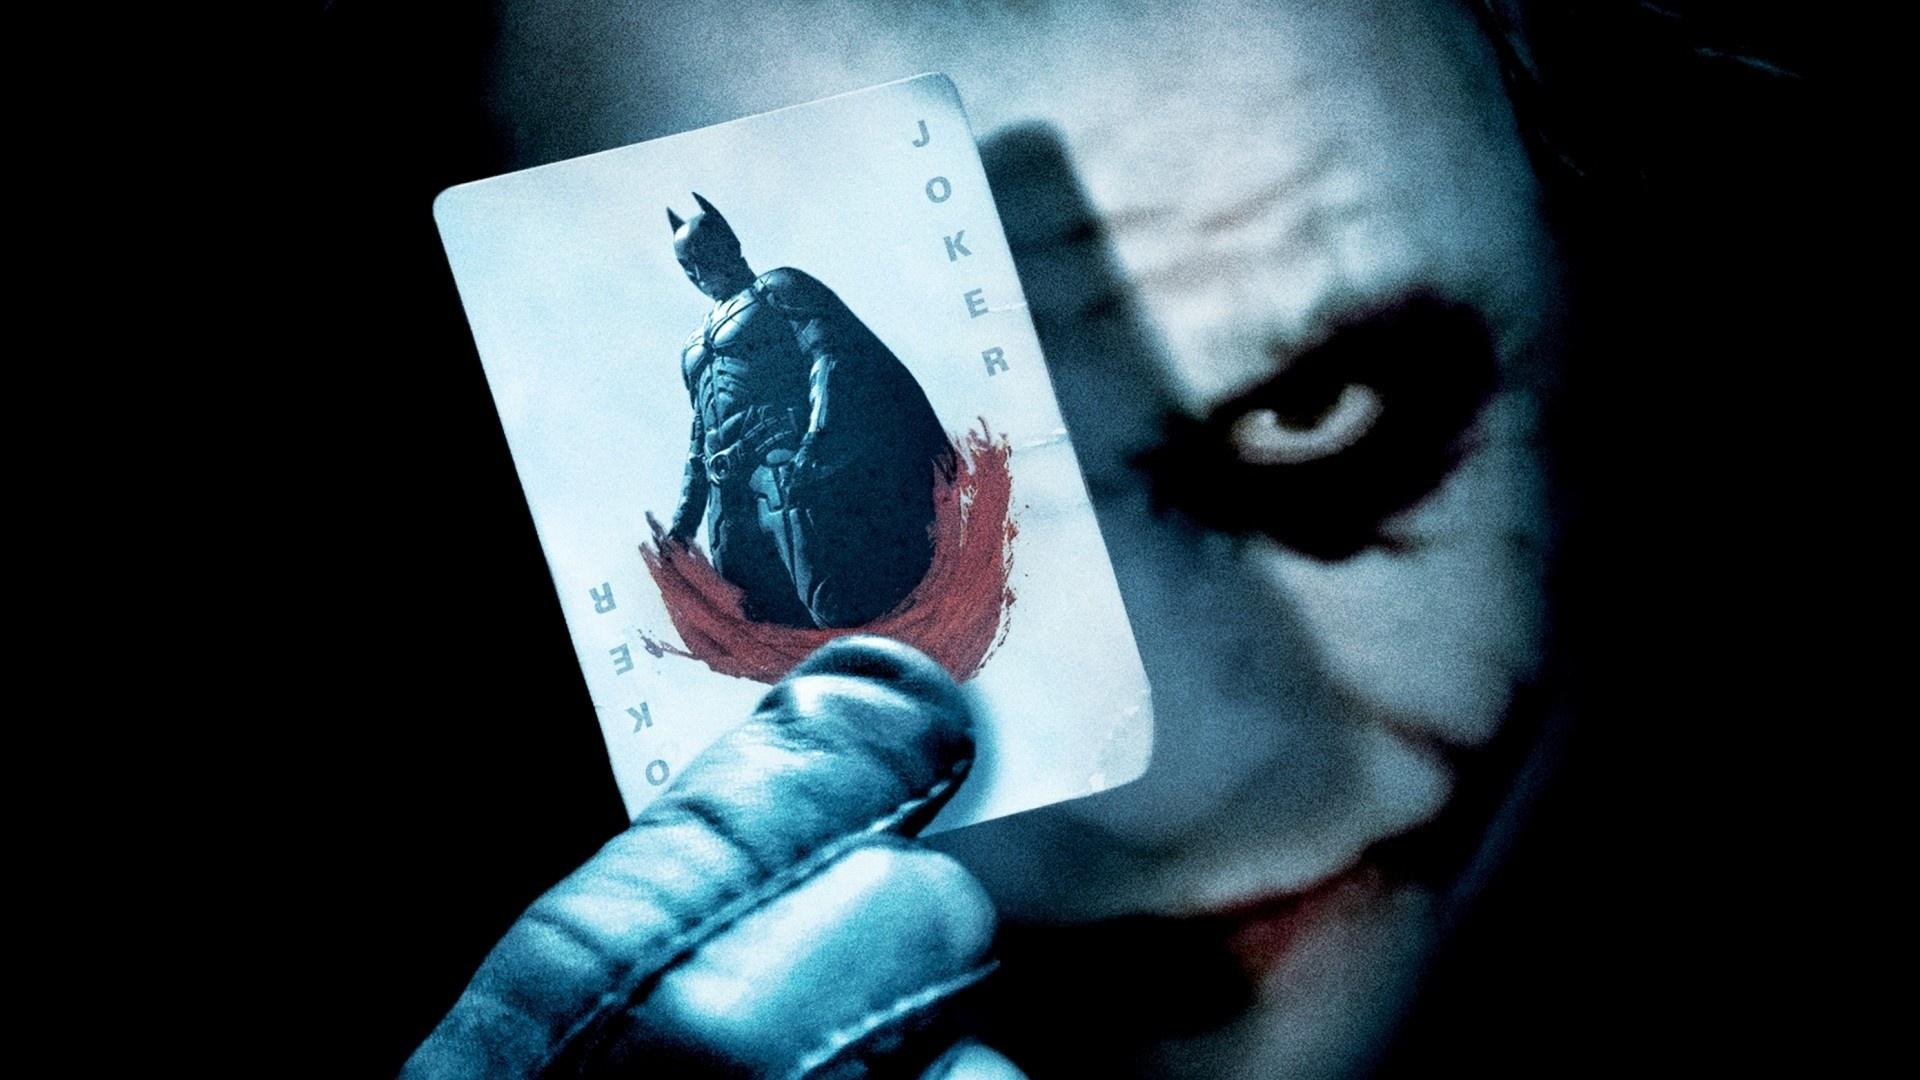 Batman joker card high definition wallpapers hd wallpapers - Cool card wallpapers ...